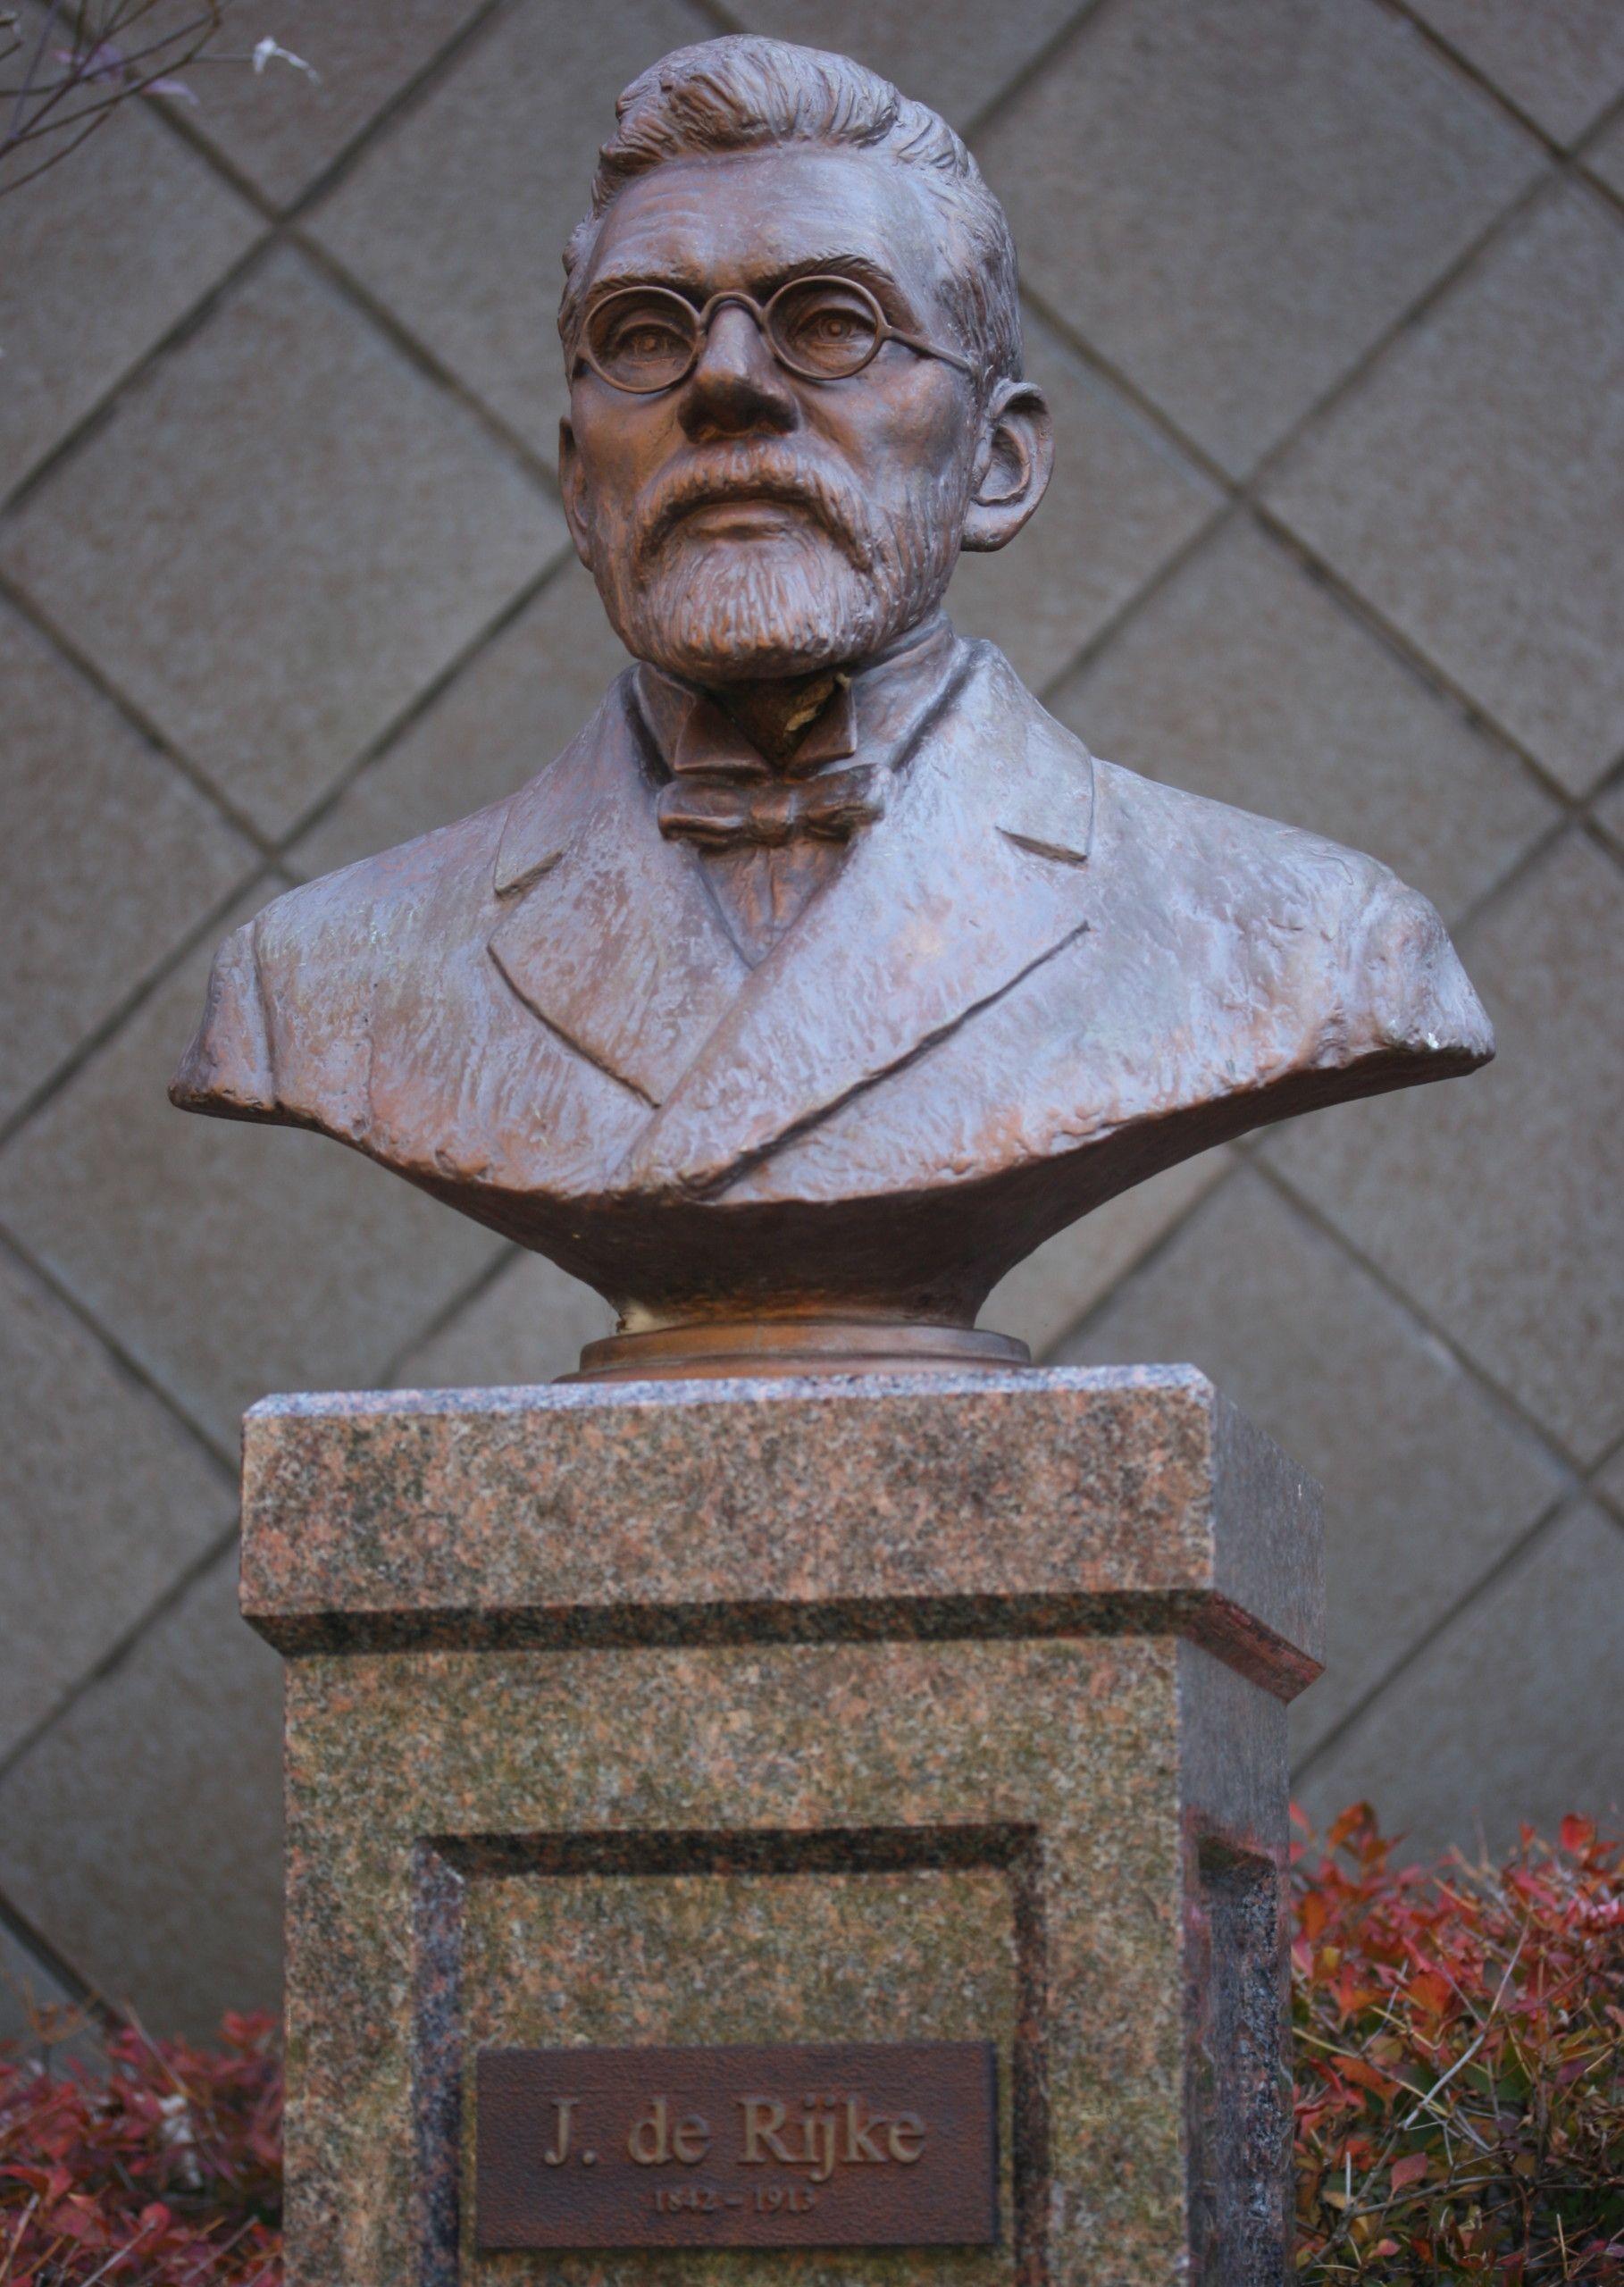 Bronzen borstbeeld van Johannis de Rijke in Hanedanidandan Park in Japan. Een replica staat in Colijnsplaat. (Foto Alpsdake)